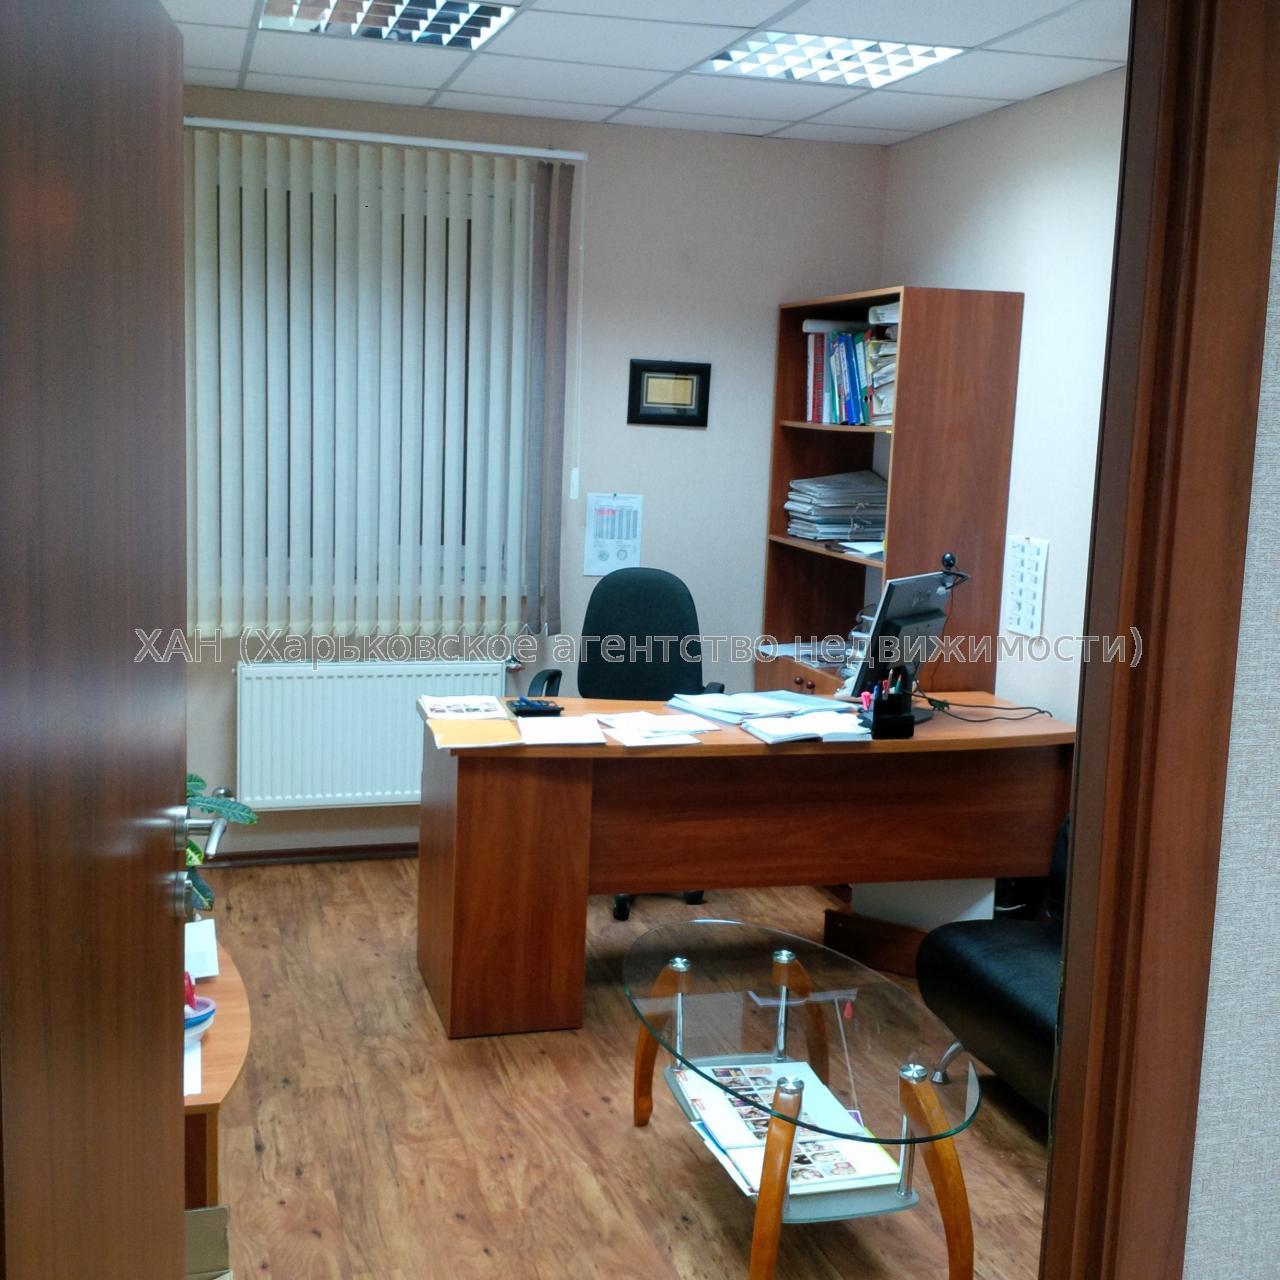 Продам офис в многоквартирном доме Харьков, Лебединская ул. 4